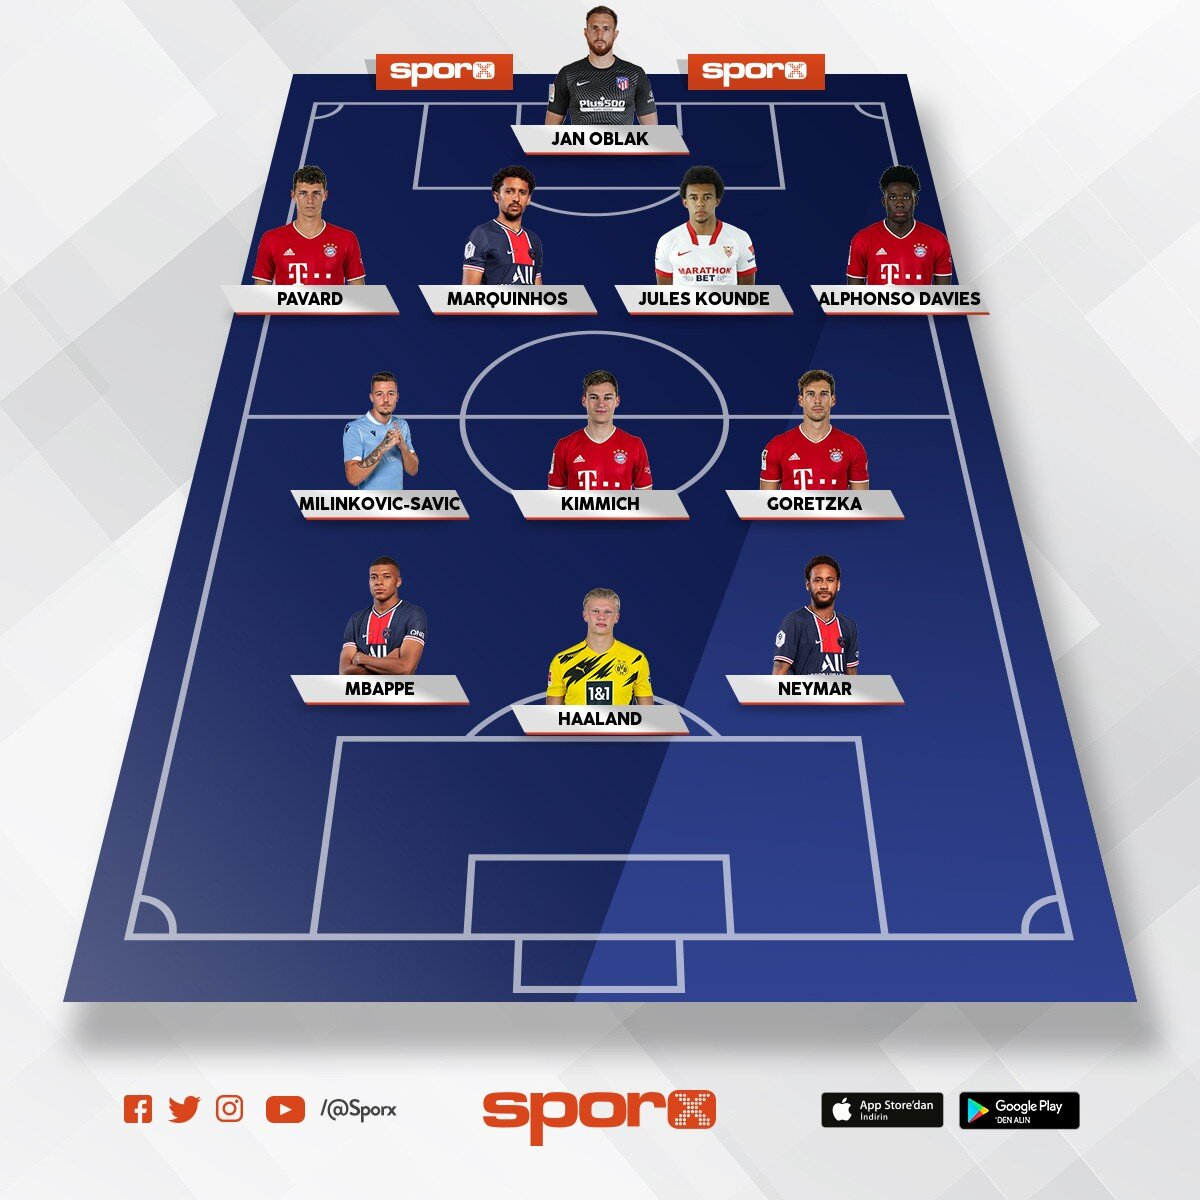 Uefa Şampiyonlar Ligi - en değerli kadro